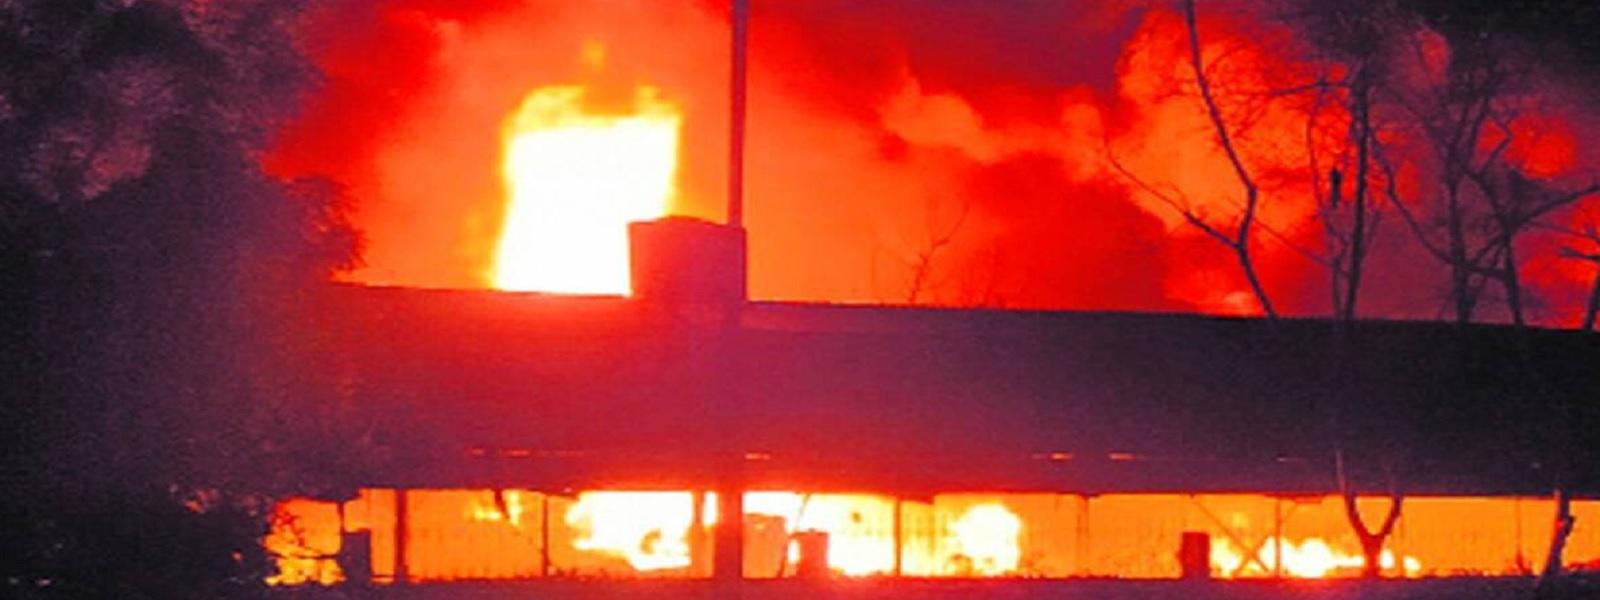 சீனாவில் தற்காப்பு கலை நிலையத்தில் தீ விபத்து; 18 பேர் உயிரிழப்பு, 16 பேர் காயம்